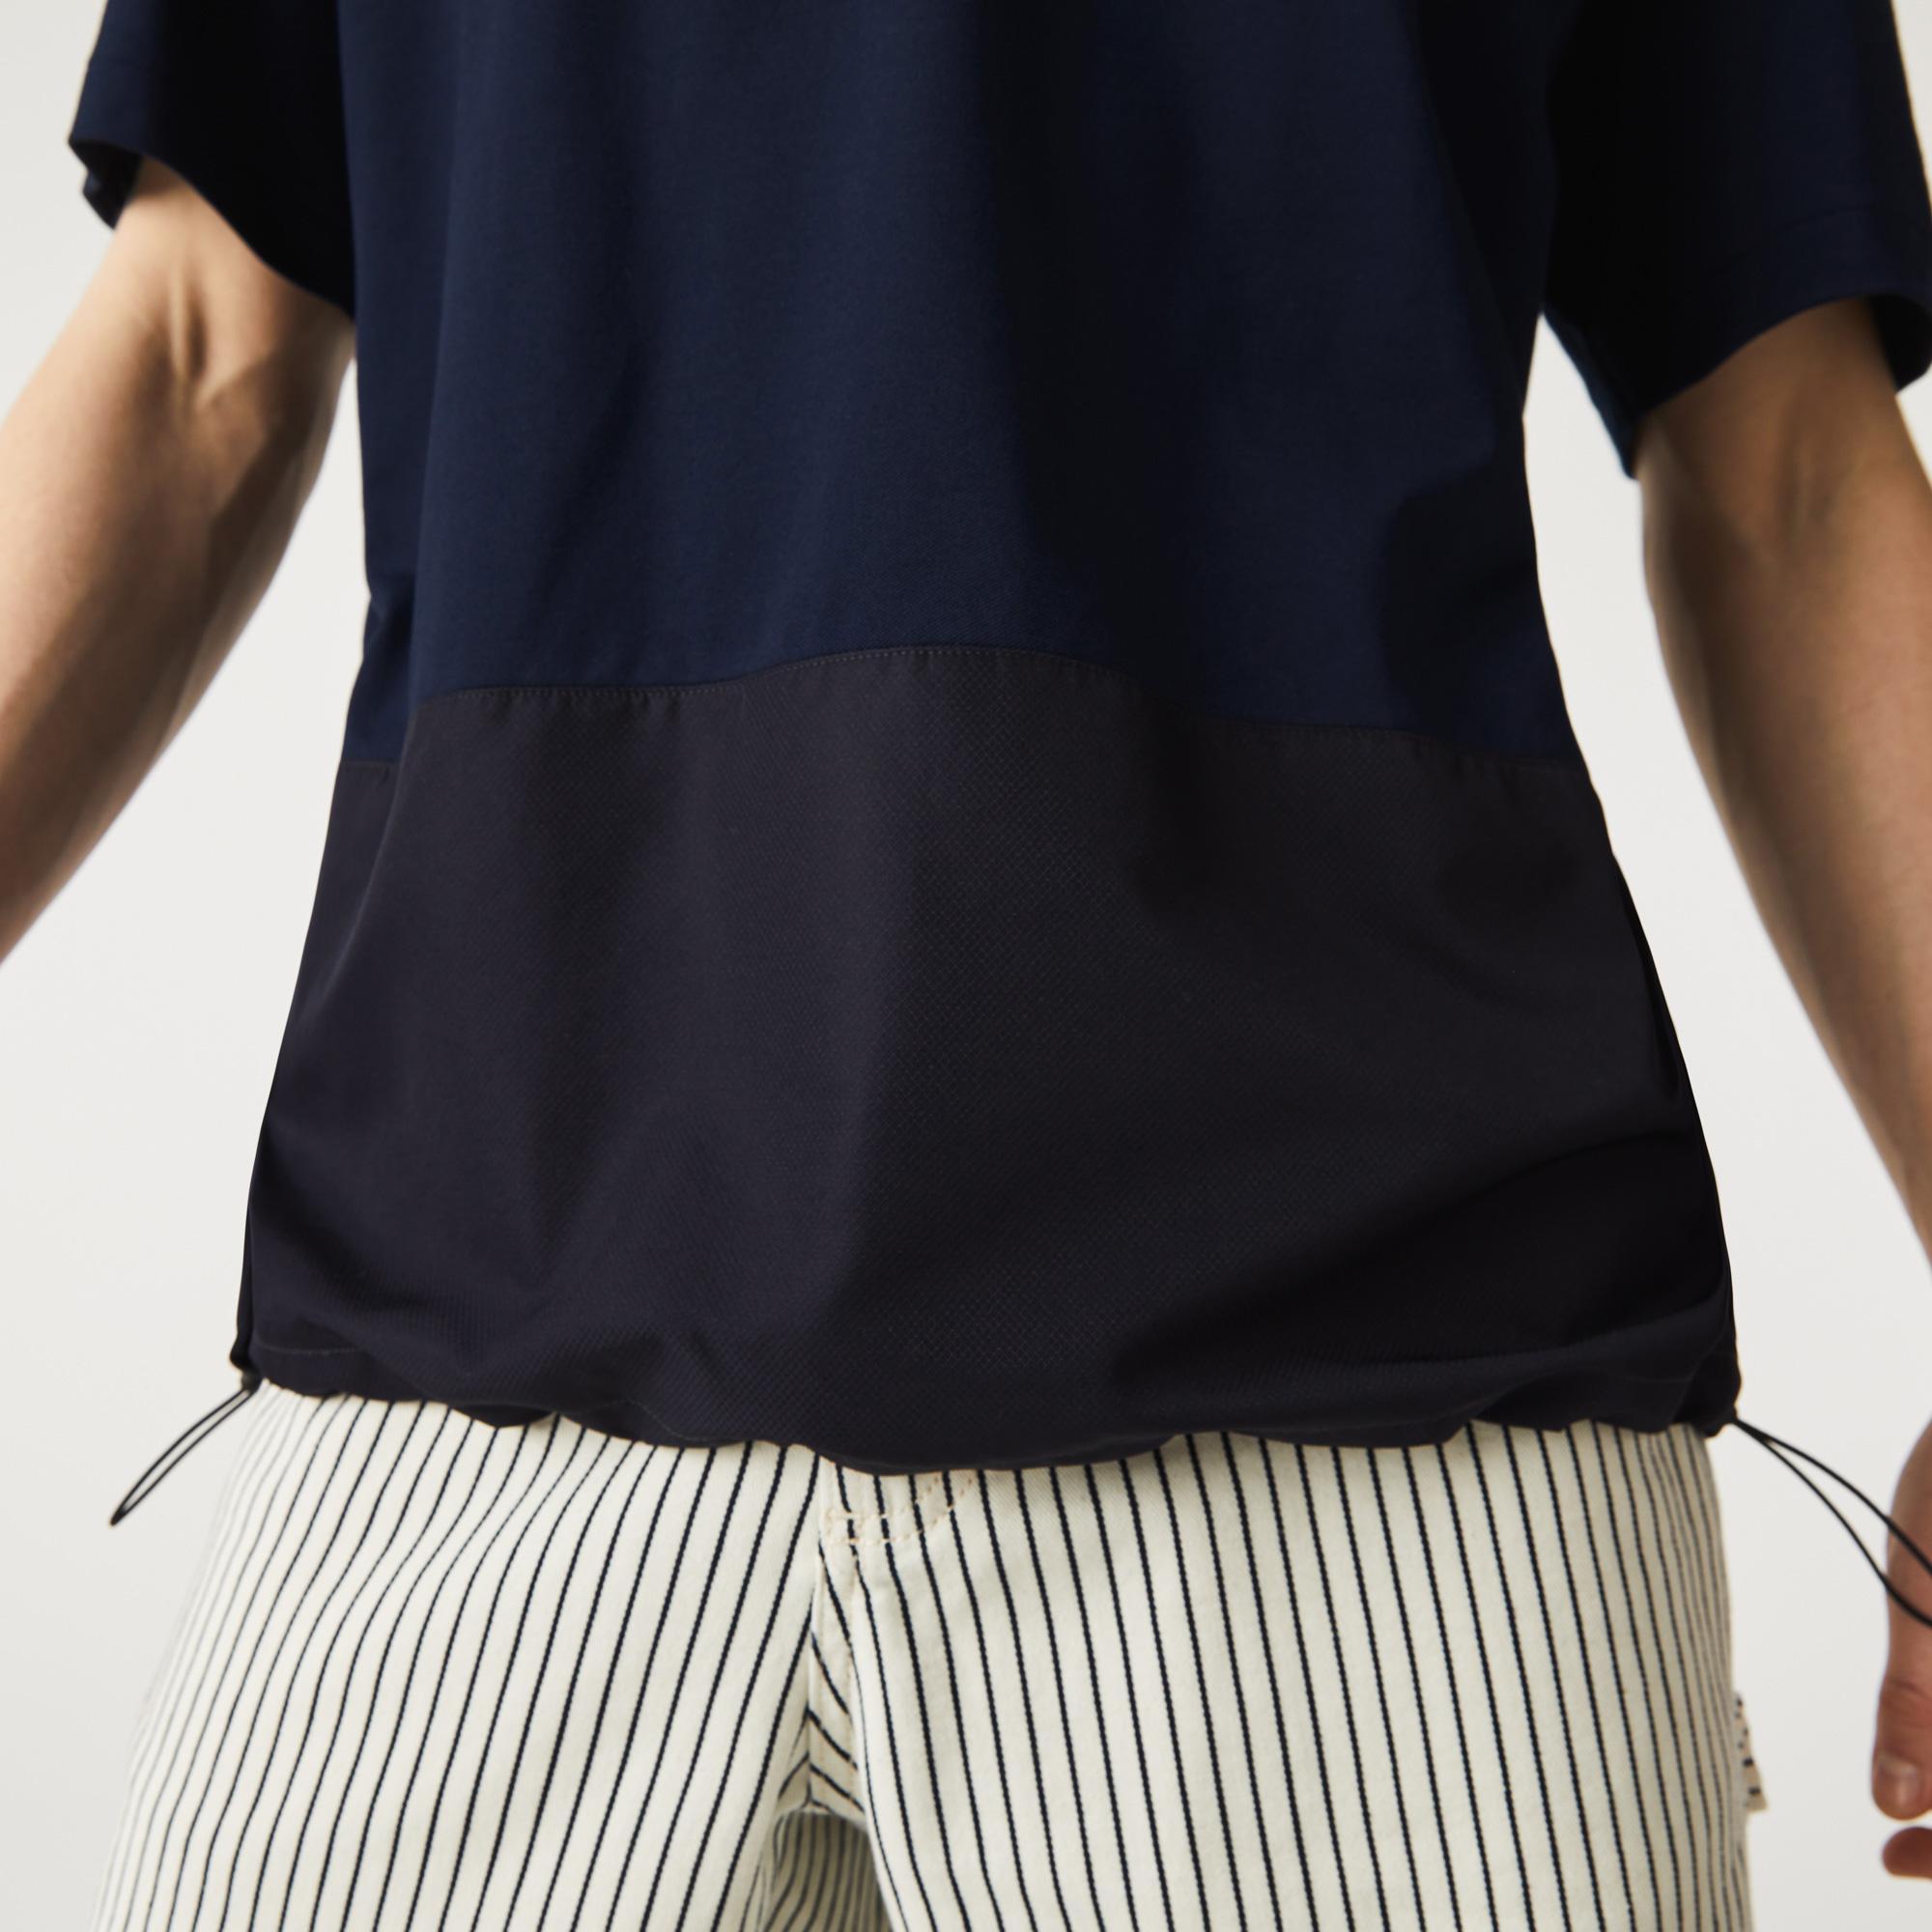 Lacoste Erkek Rahat Fit Bisiklet Yaka Renk Bloklu Lacivert T-Shirt